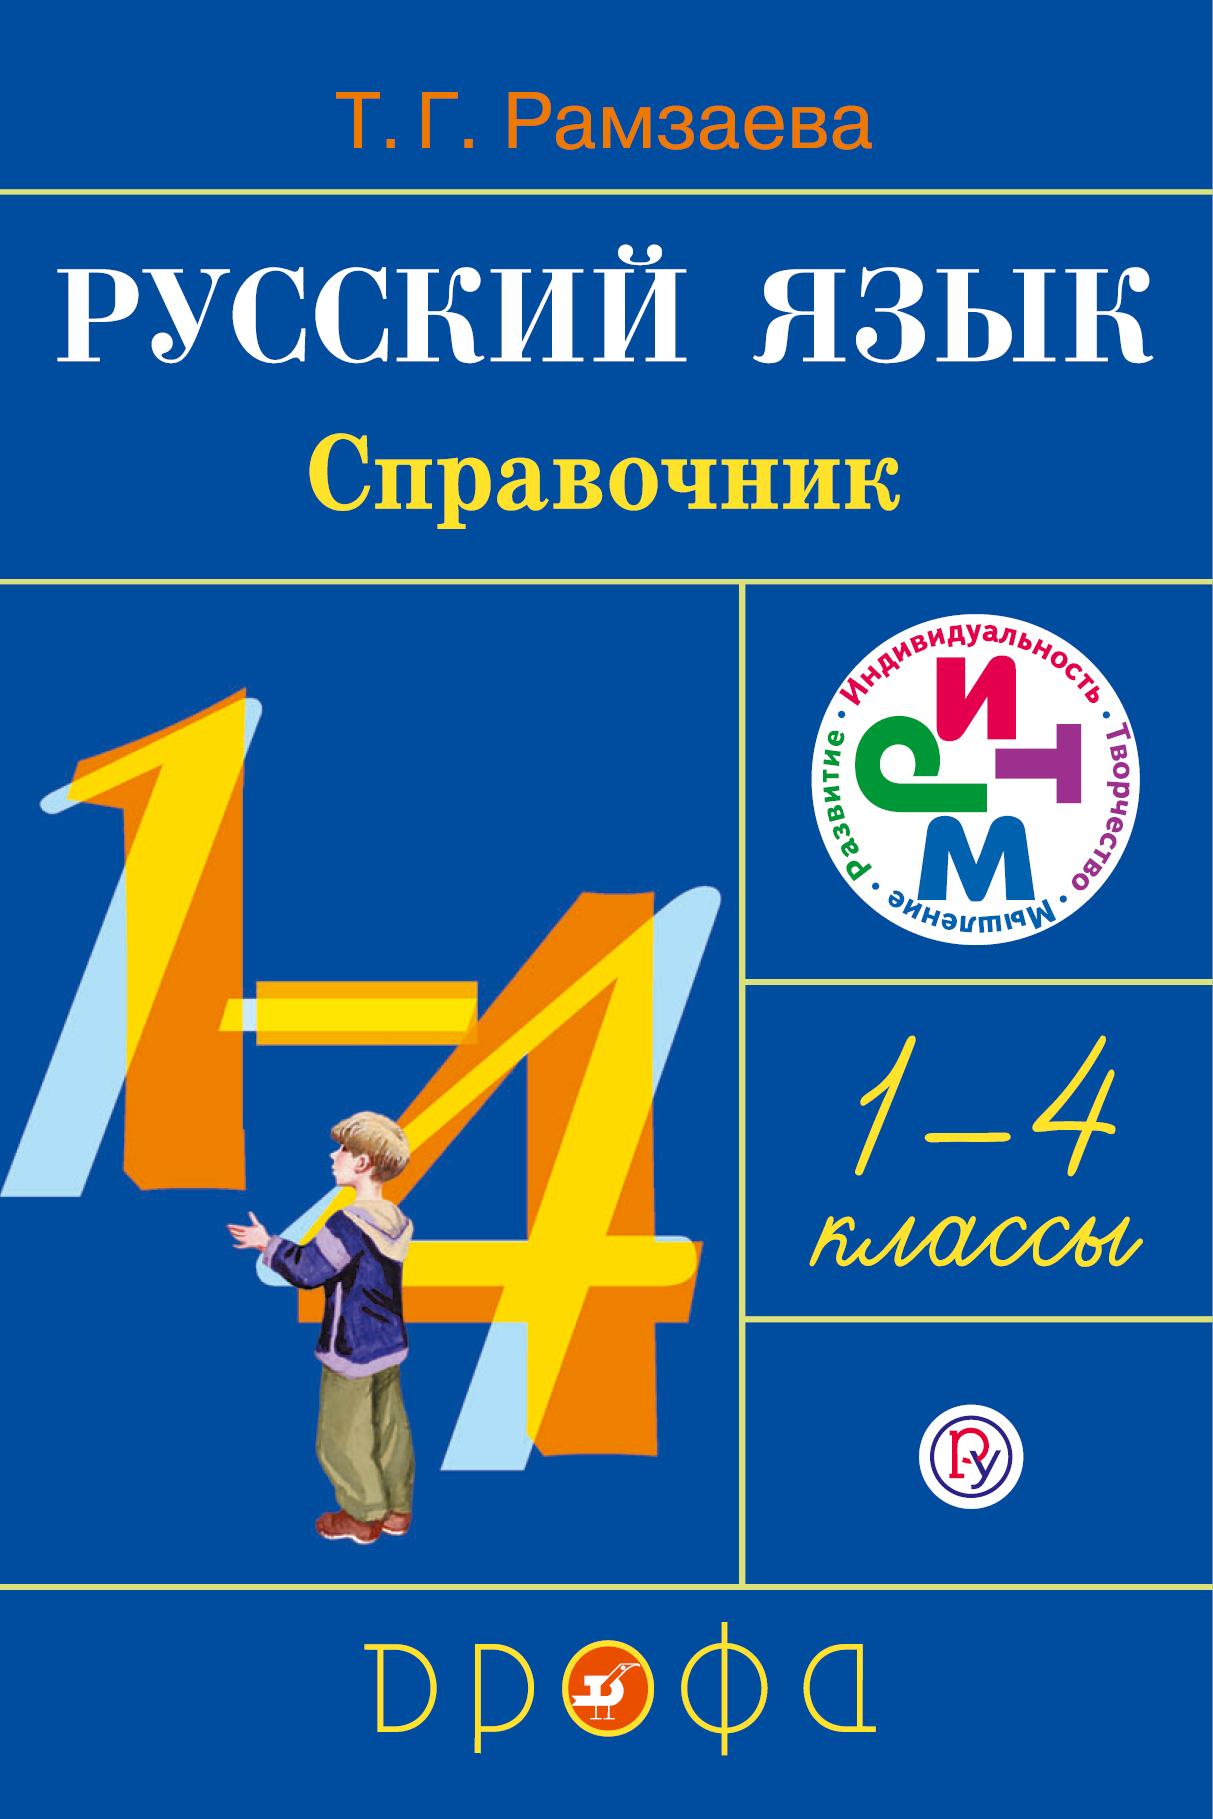 Русский язык в начальной школе. 1-4 классы. Справочник